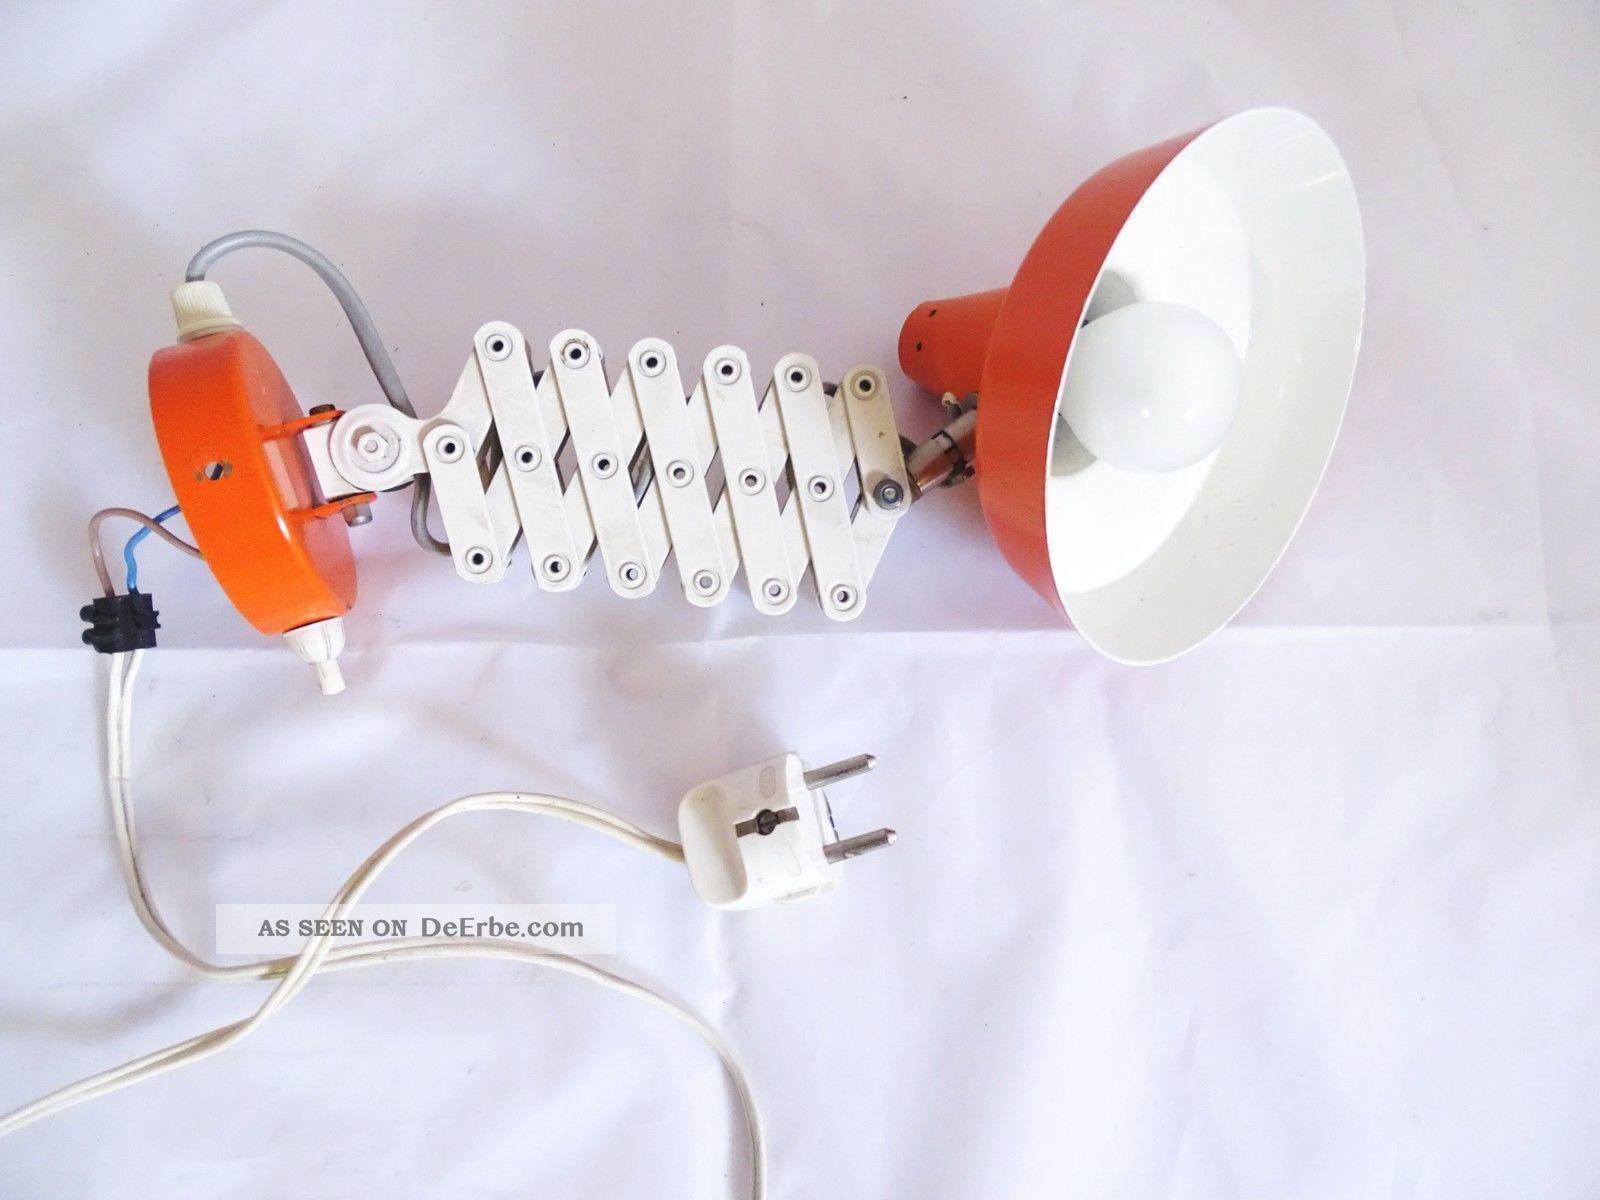 Panton Ära Scherenlampe Rot Orange Voll Funktionsfähig True Vintage Rarität 1970-1979 Bild